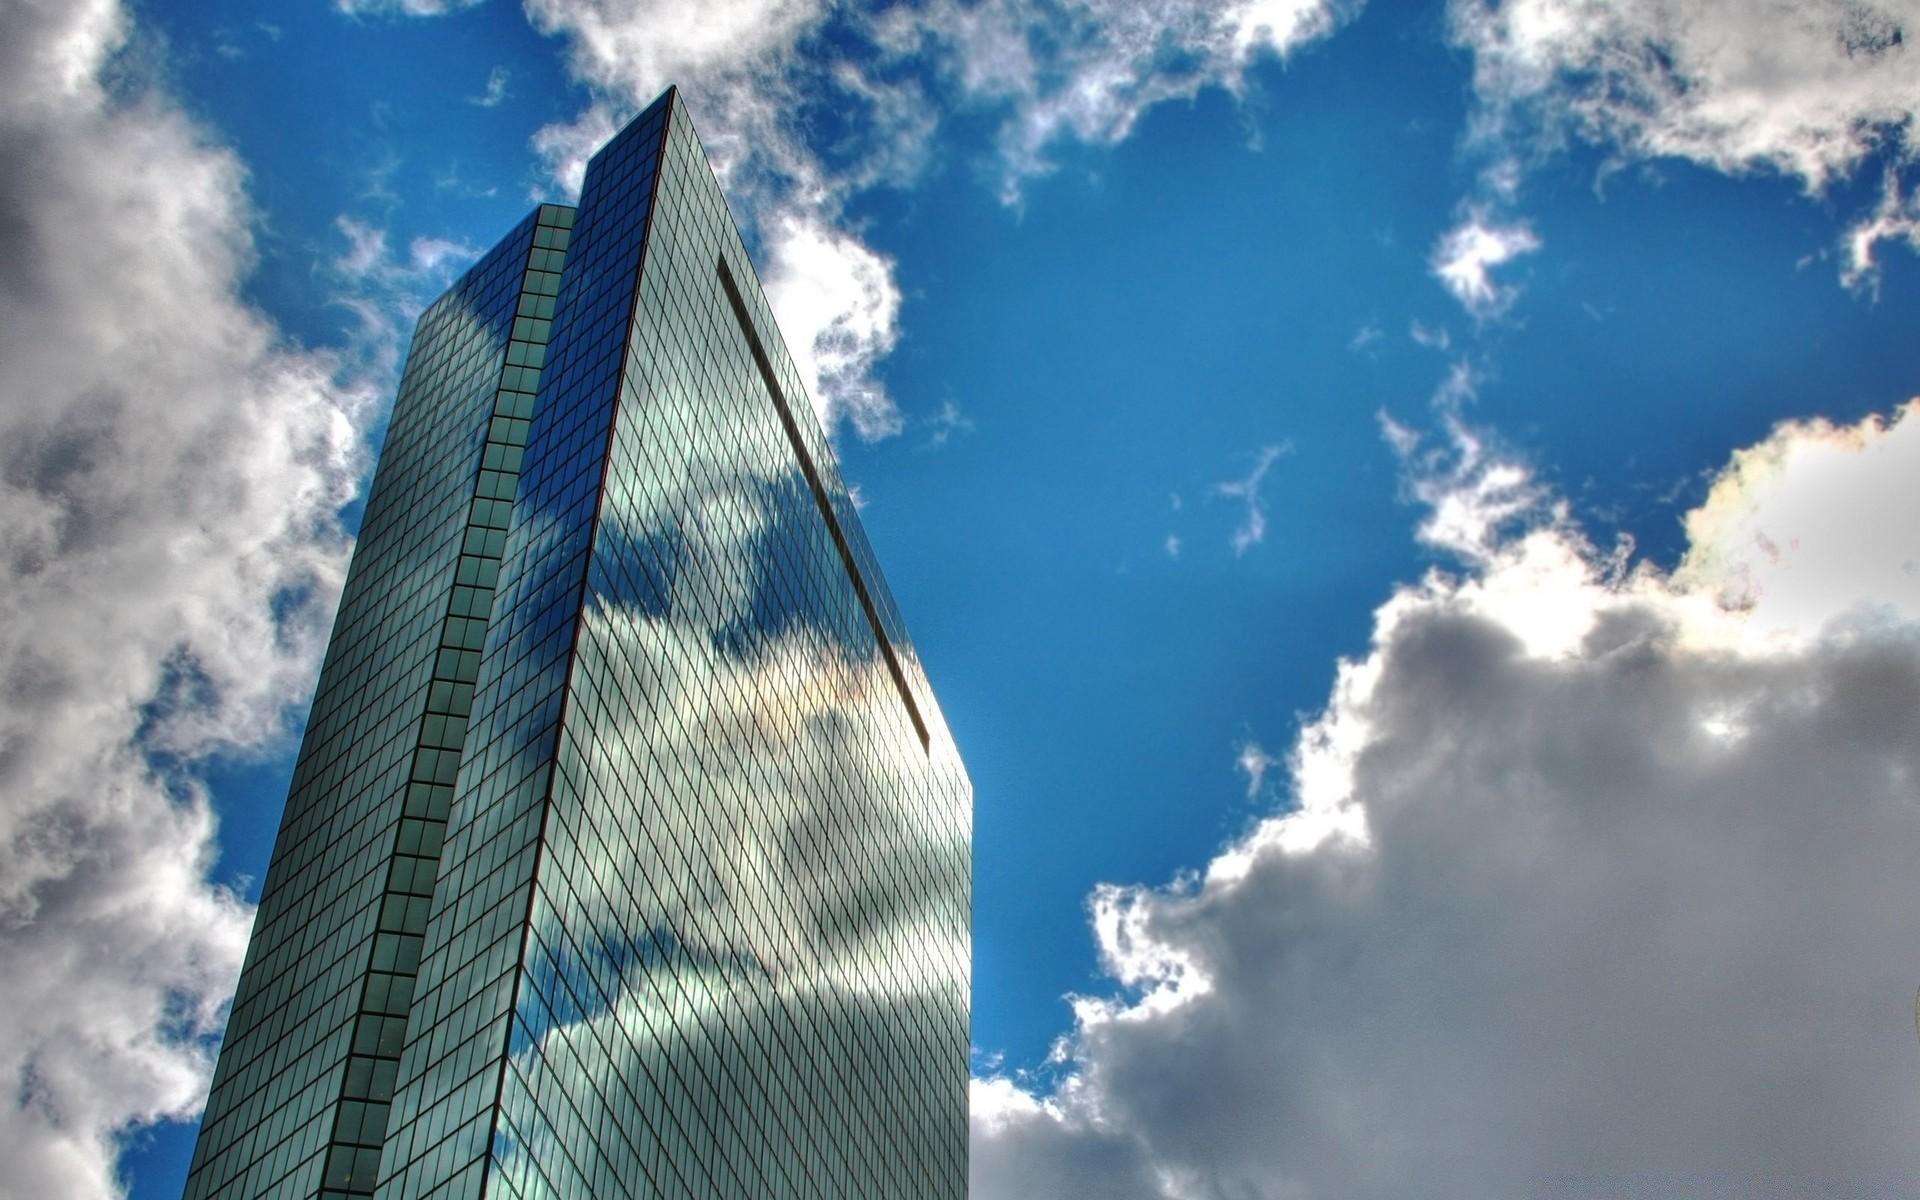 Обои Облака, здания, стекло, небоскребы. Города foto 18